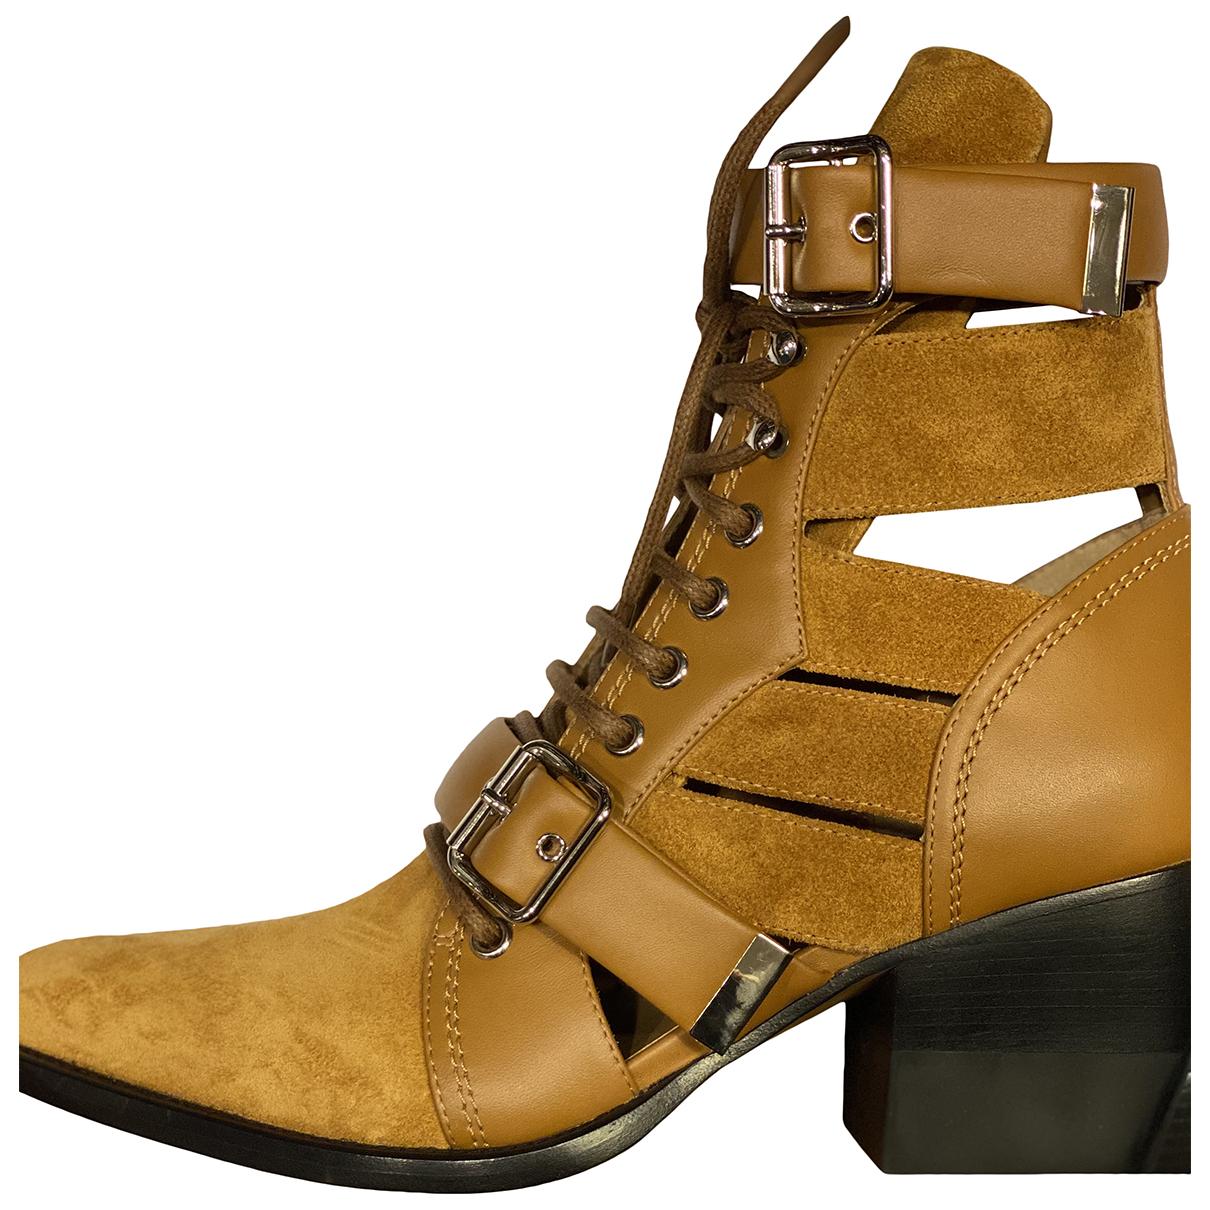 Chloe - Boots Rylee pour femme en suede - marron